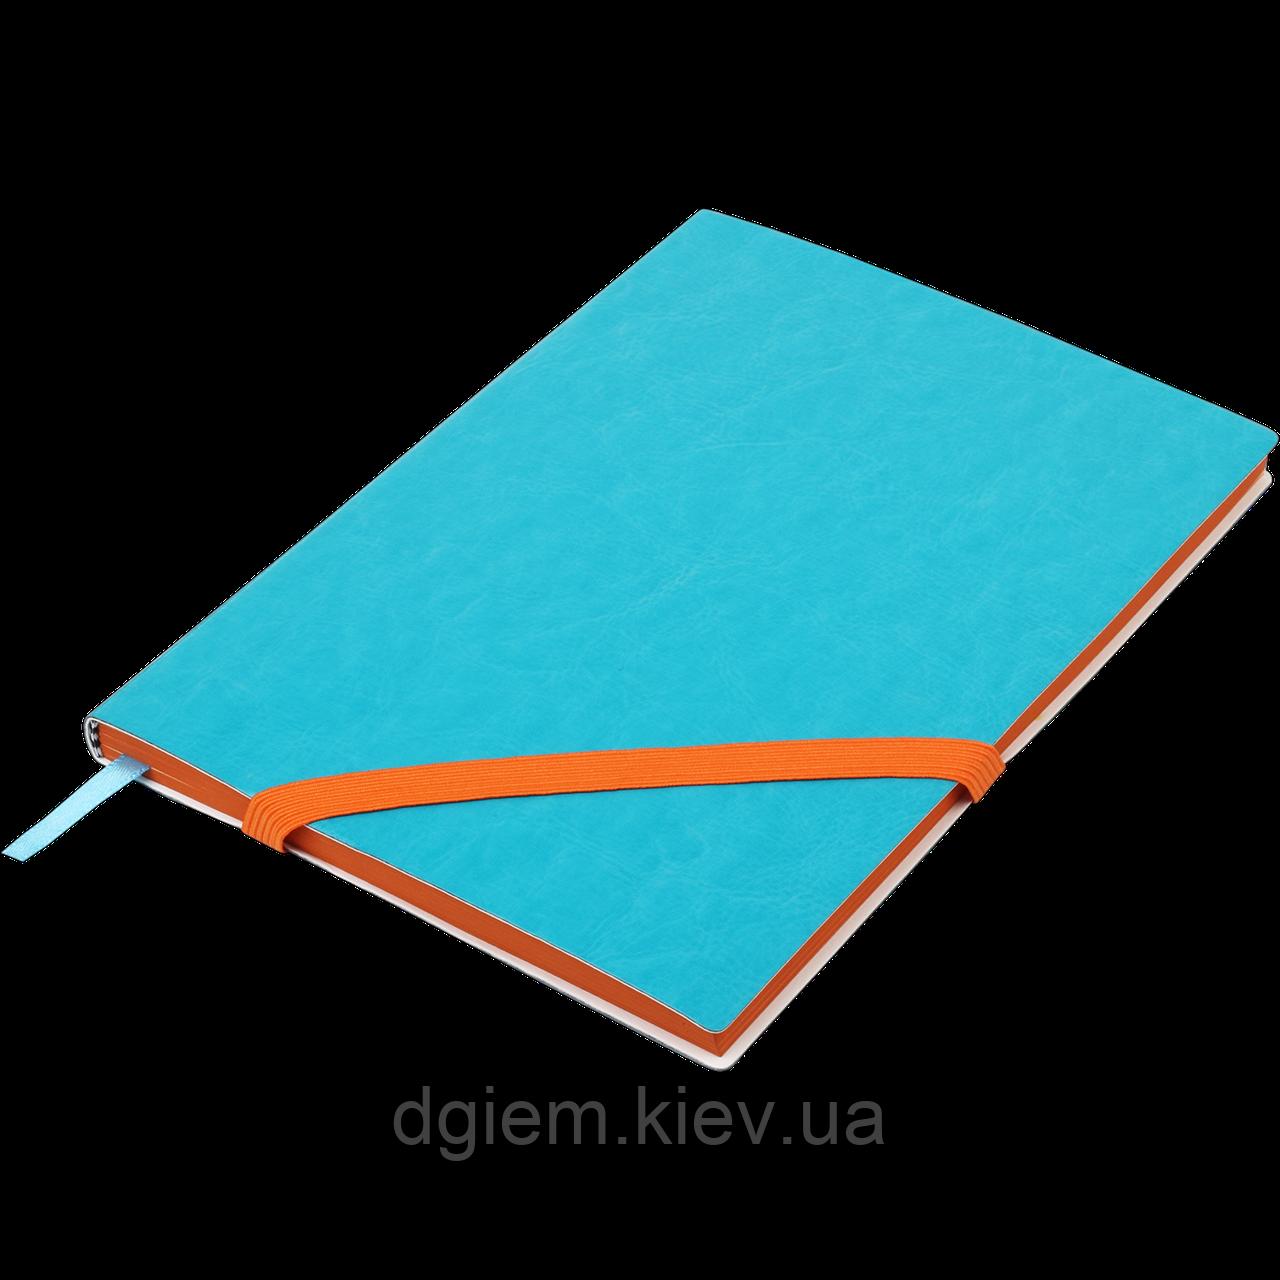 Блокнот деловой LOLLIPOP А5 96л. линия, иск. кожа, голубой